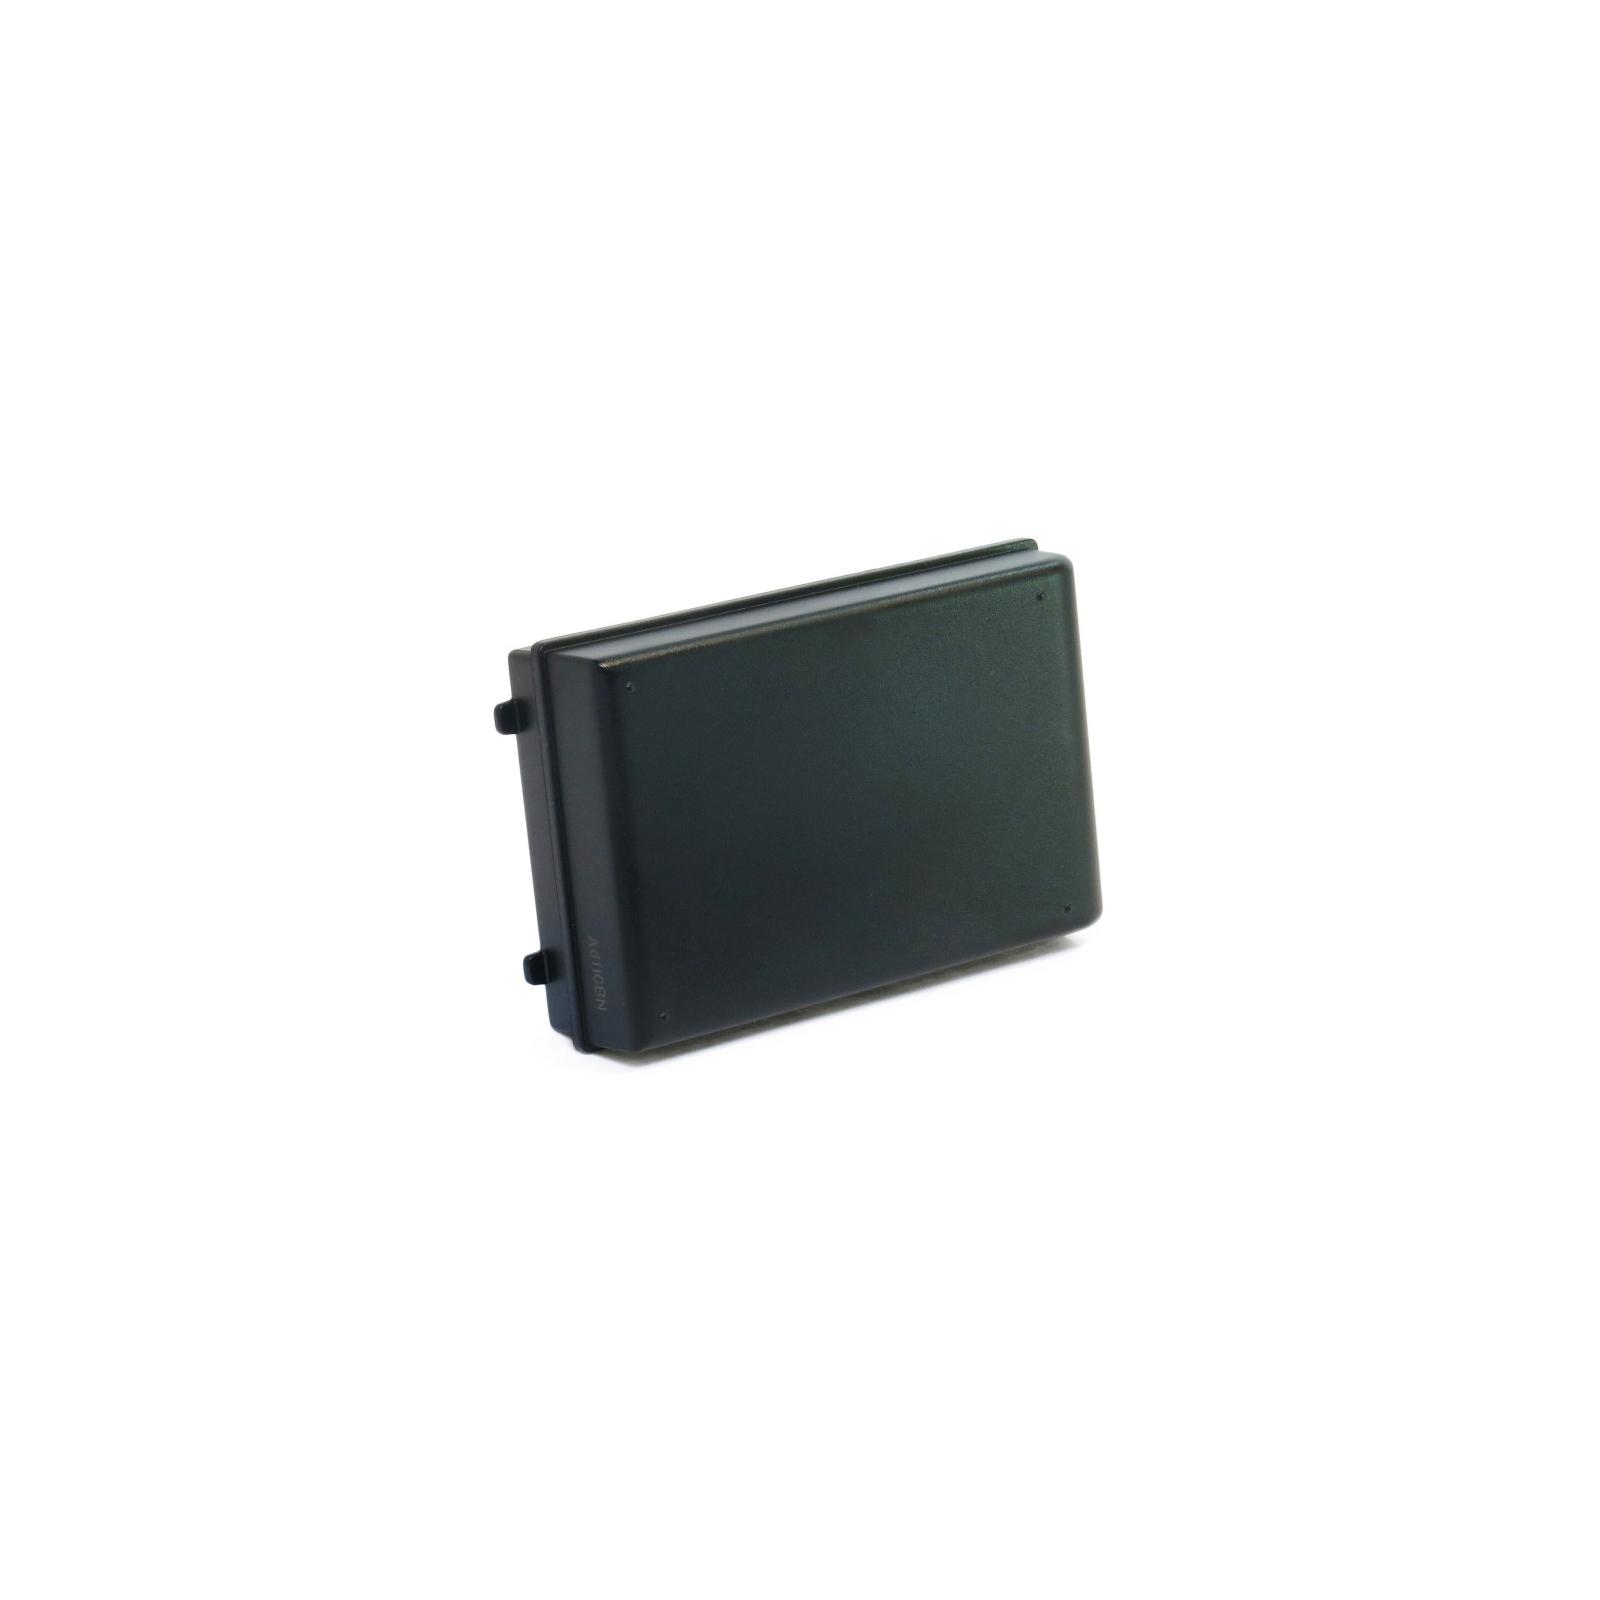 Аккумулятор к фото/видео EXTRADIGITAL Samsung SB-P180A (DV00DV1237) изображение 5